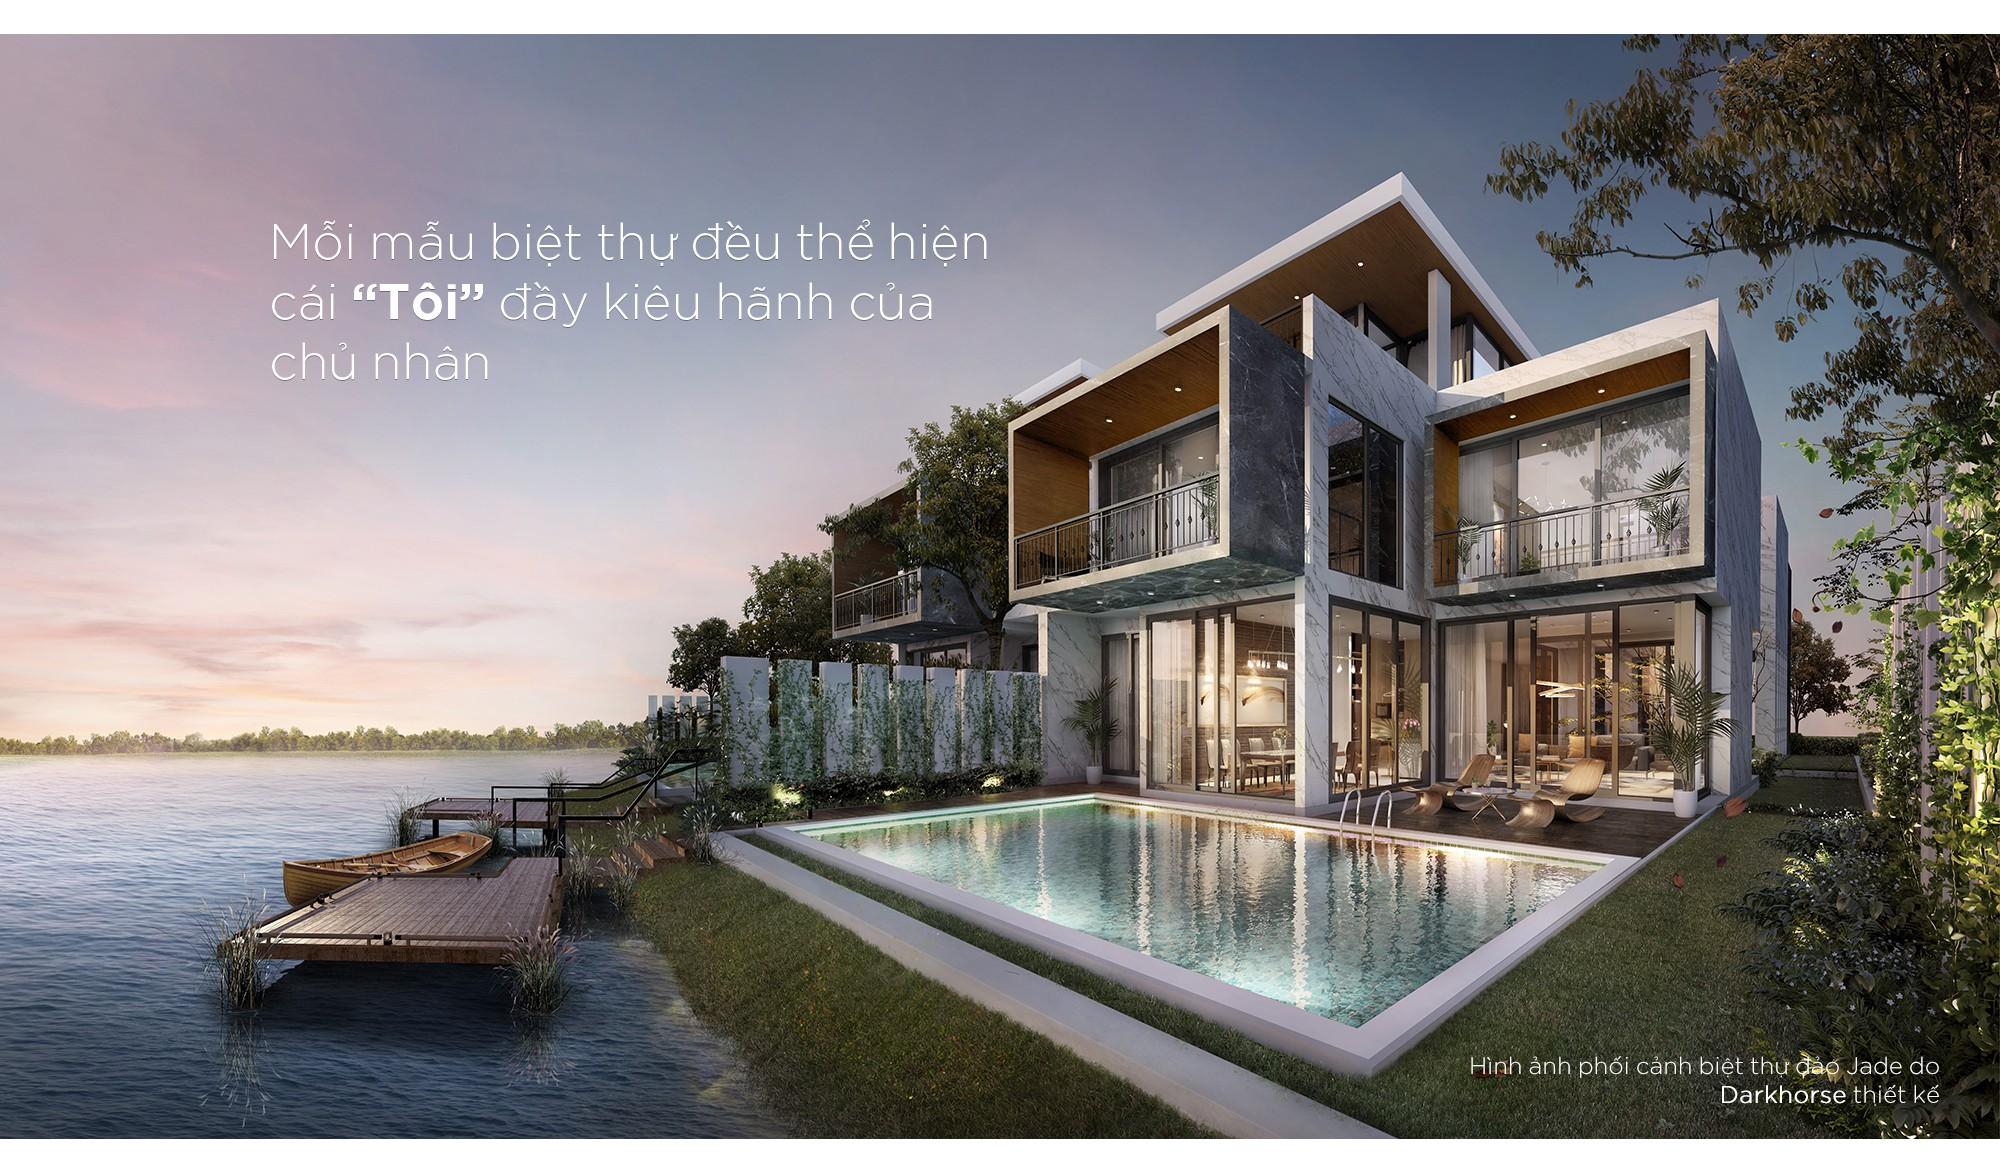 313-1531448850606829922097 Khám phá không gian sống giá triệu đô mang tên ECO PARK GRAND - THE ISLAND